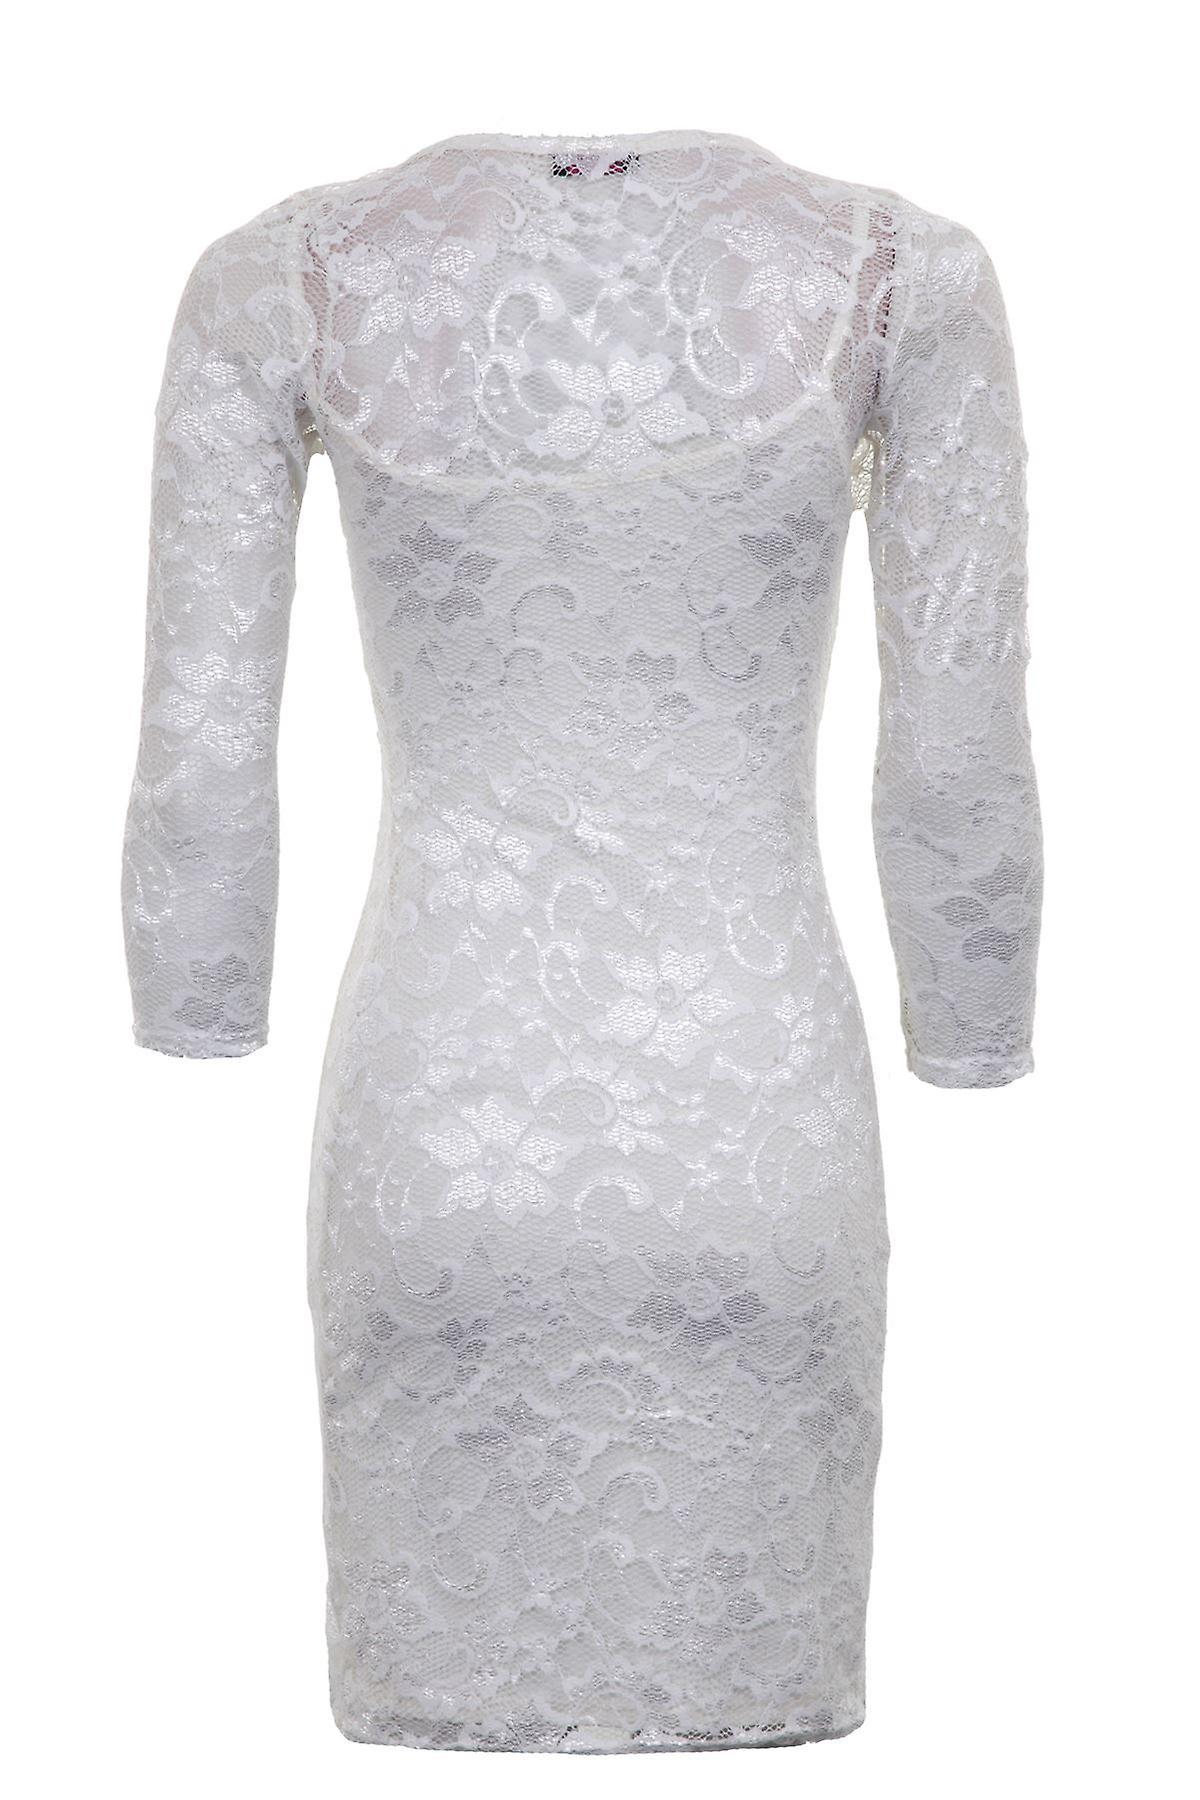 Naisten pitkähihainen Lace kukka vuorattu Bodycon Womens Dress